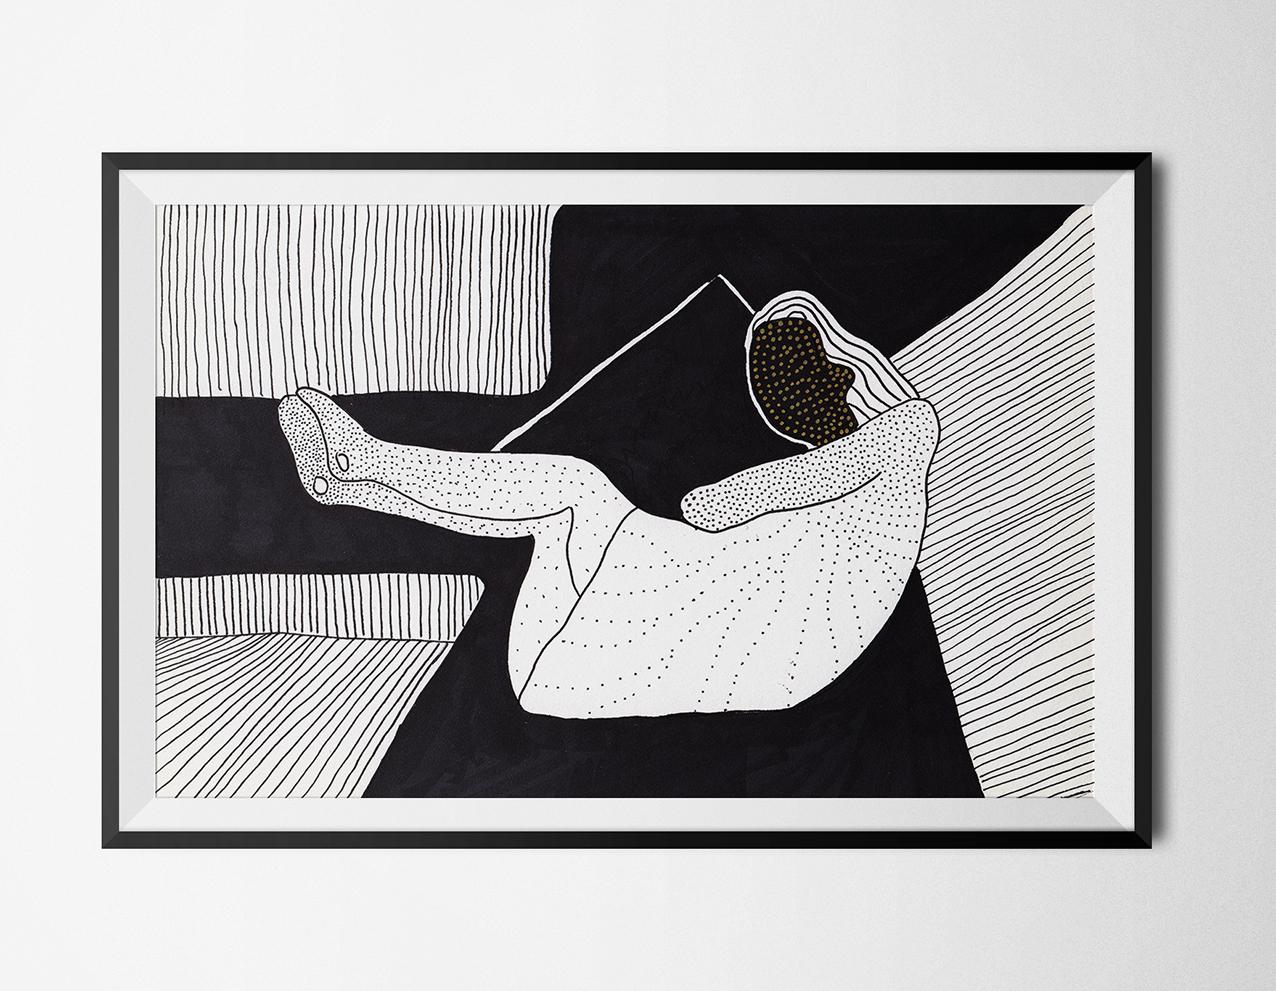 Teddy-Delcroix-Drawings-040.jpg